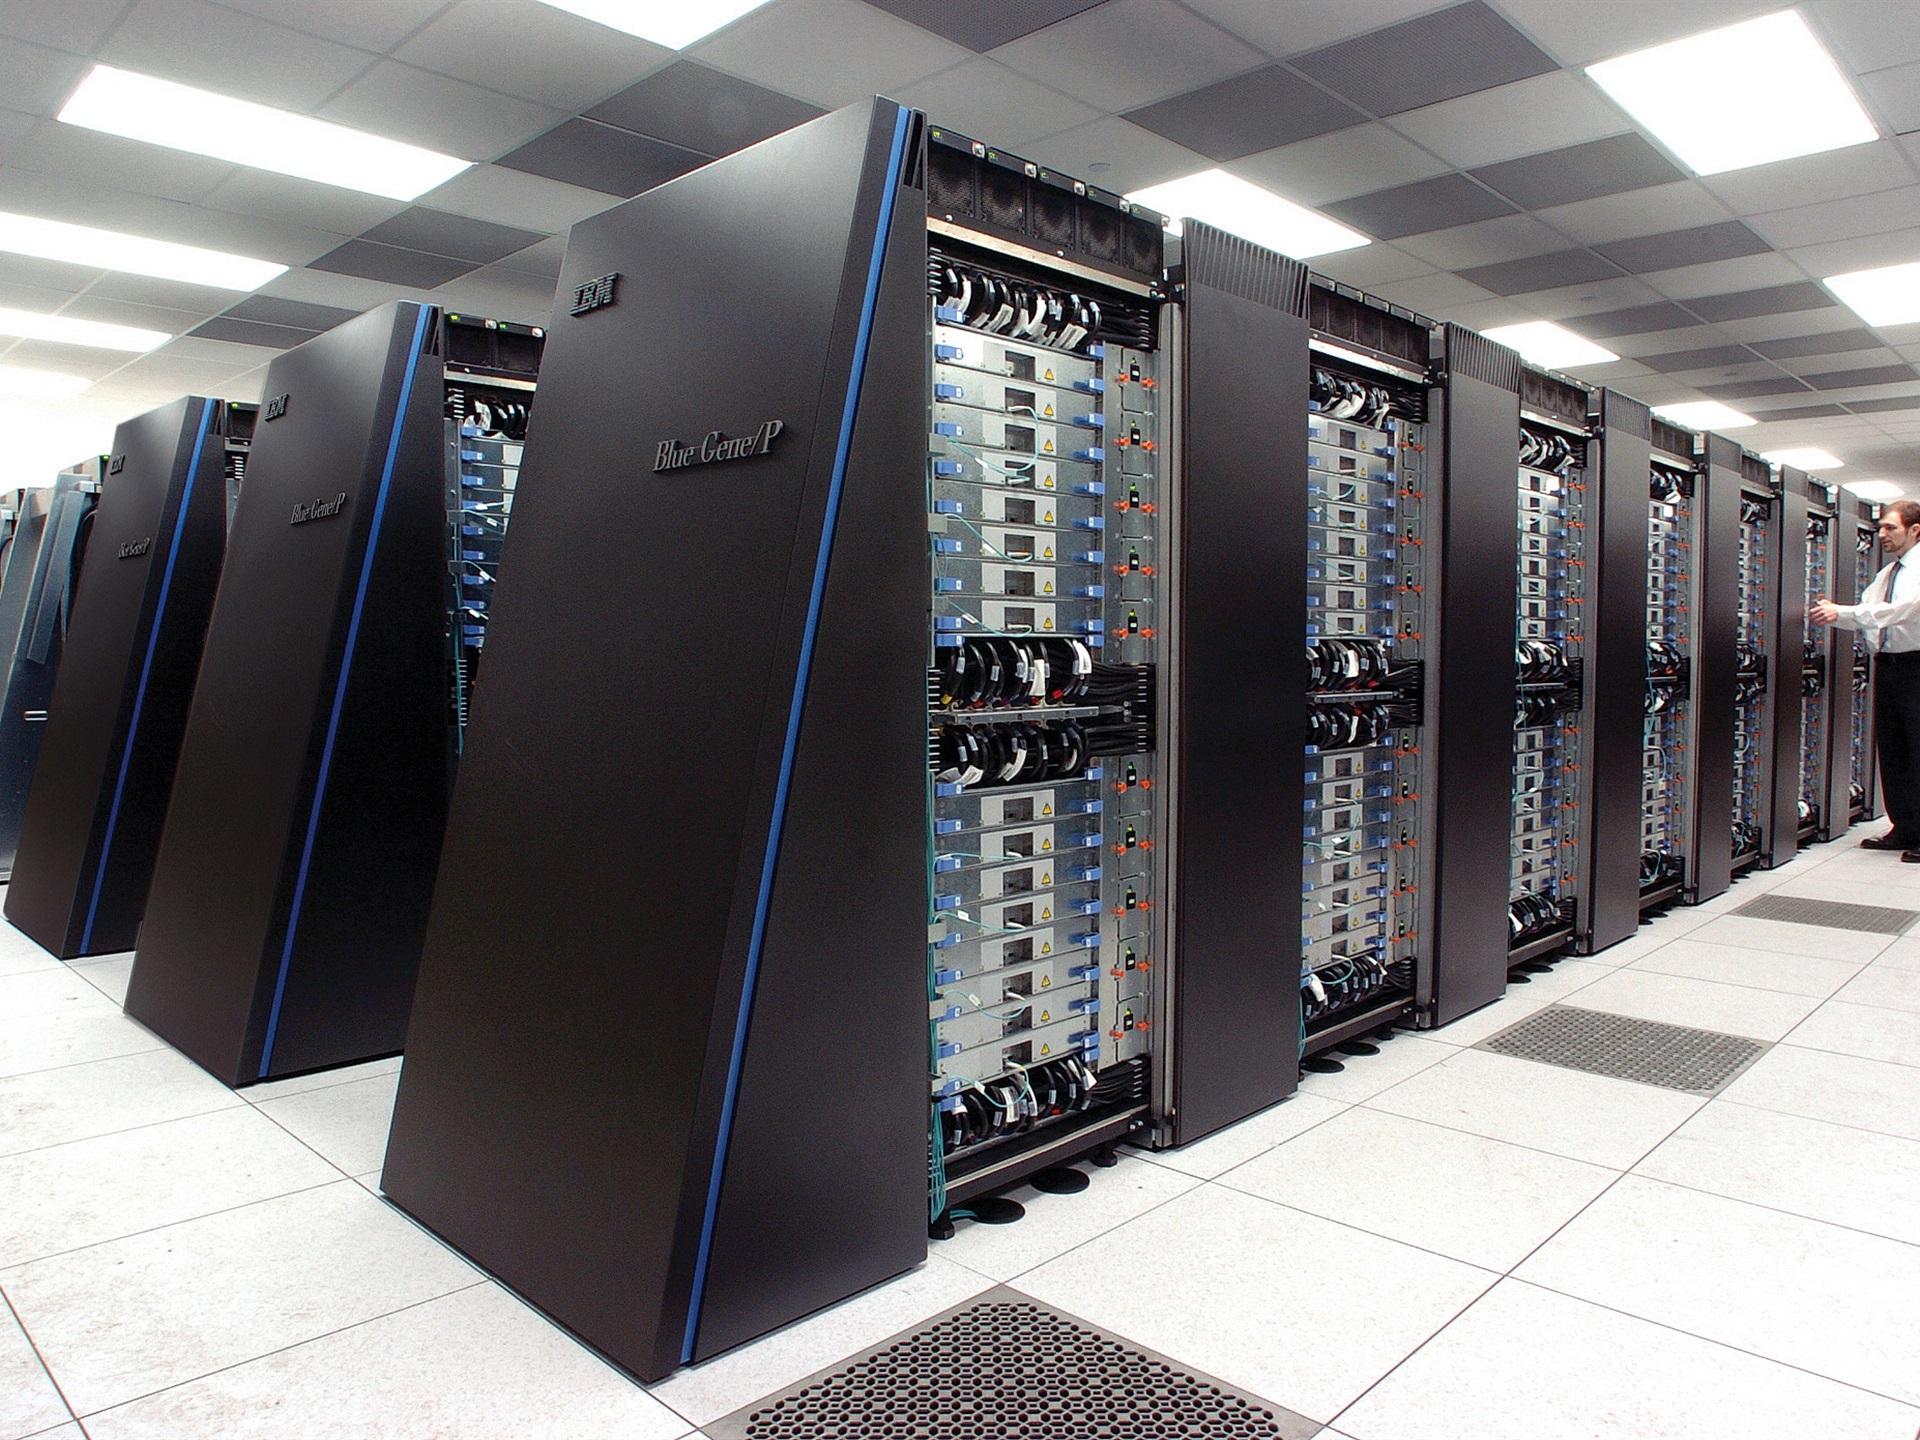 壁紙 Ibmのblue Geneスーパーコンピュータ 1920x1440 Hd 無料の